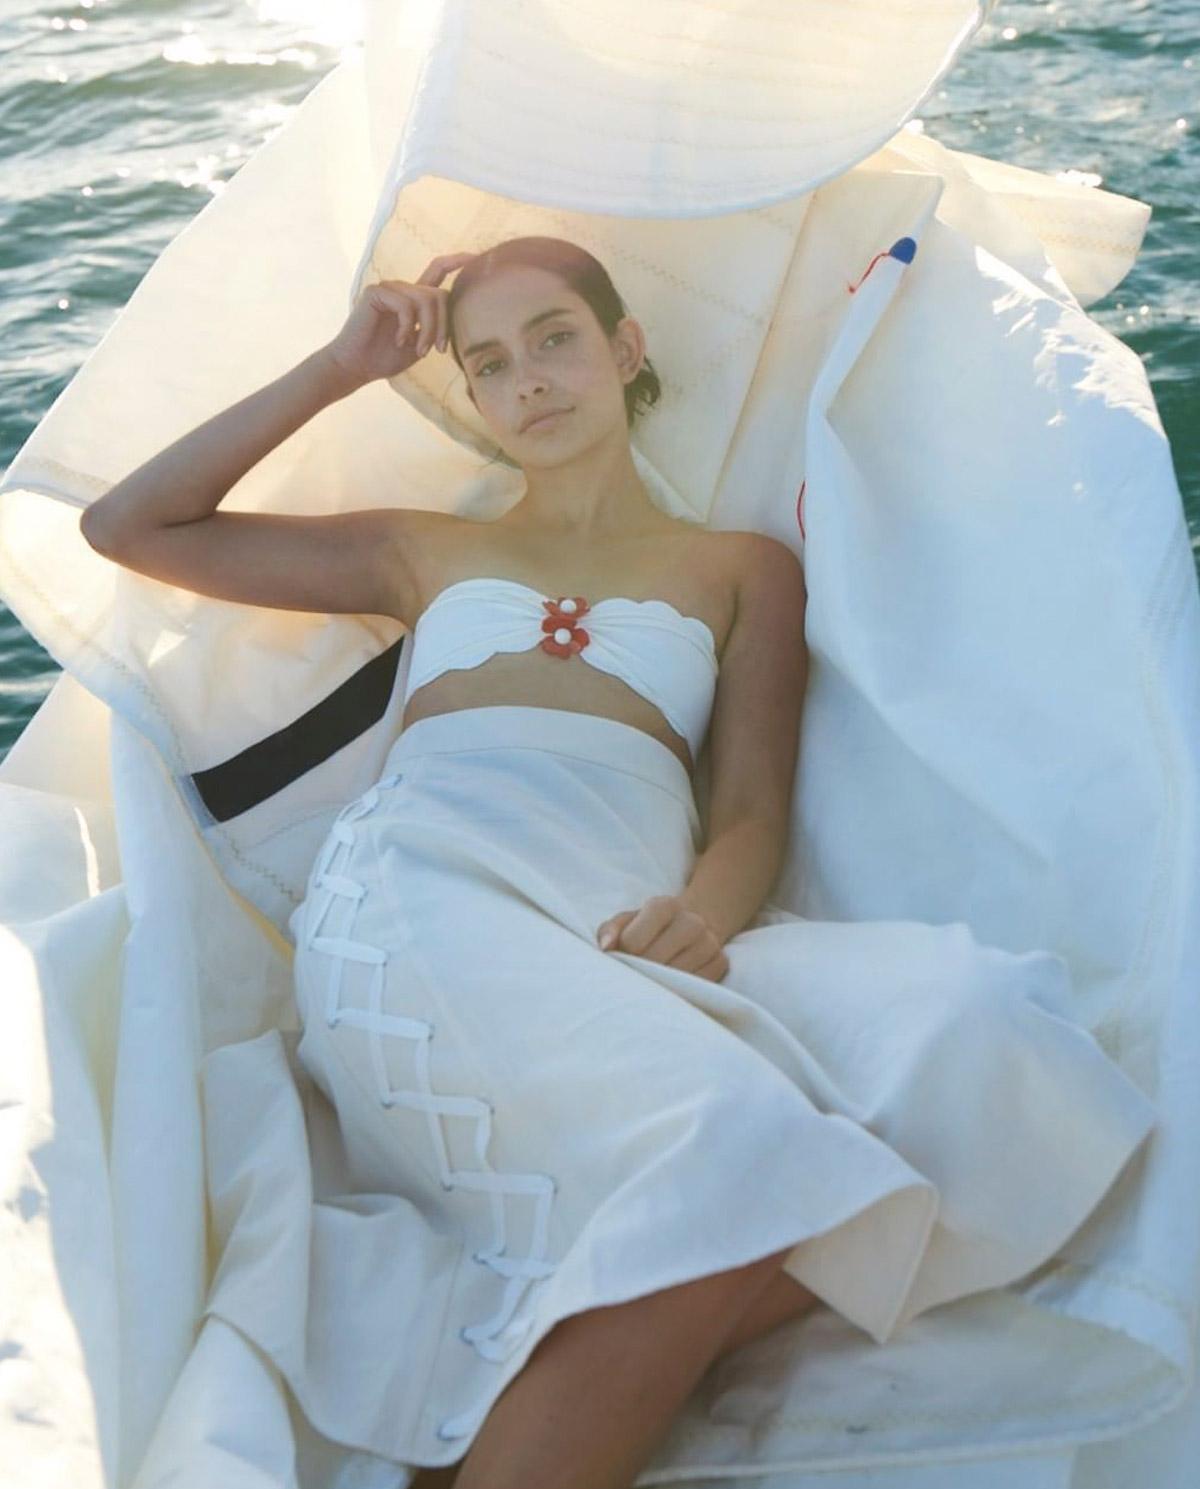 Biały top od bikini Antibes Marysia Swim ST139 COCONUT